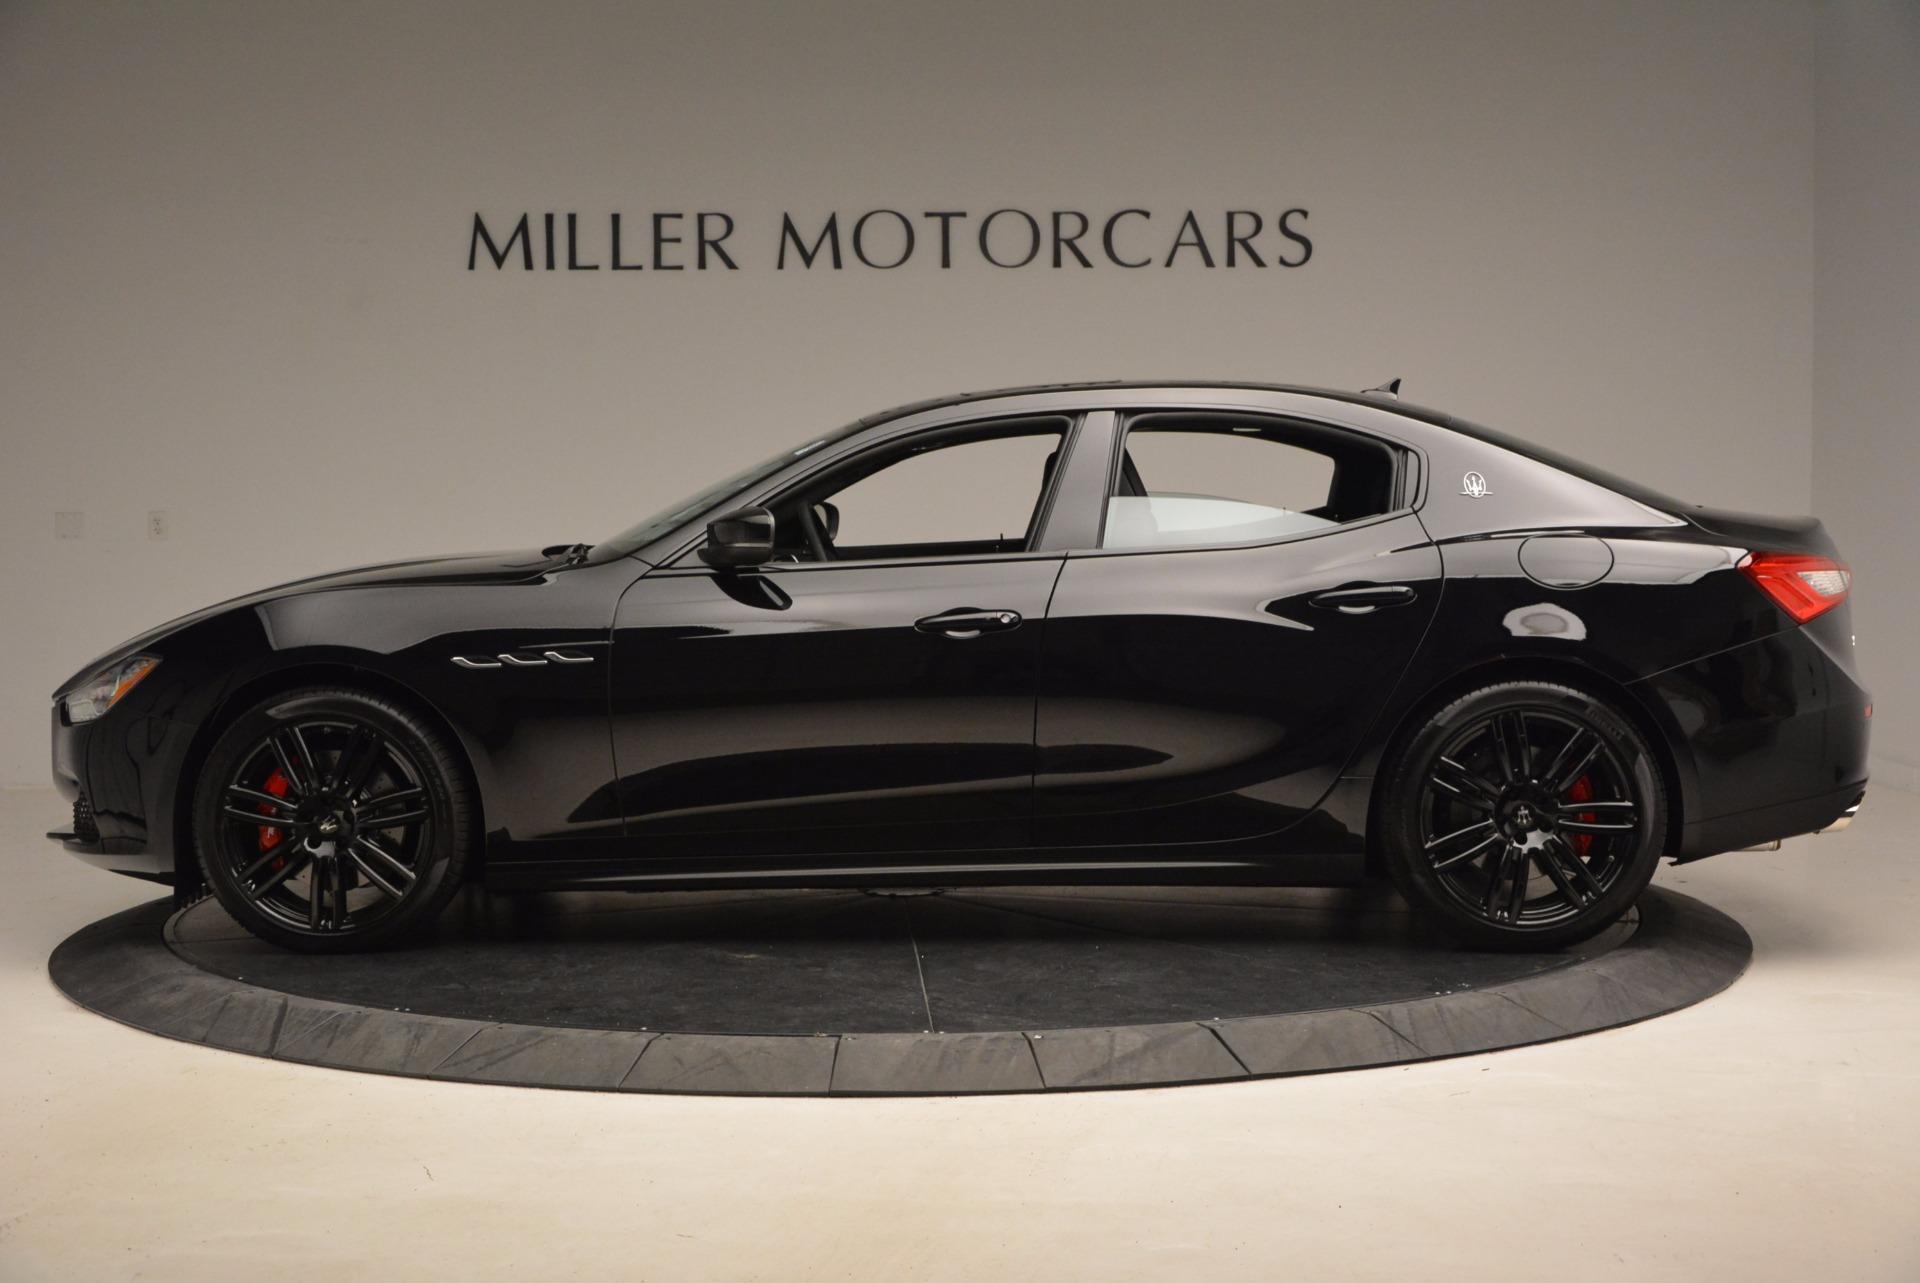 New 2017 Maserati Ghibli Nerissimo Edition S Q4 For Sale In Greenwich, CT 1420_p3